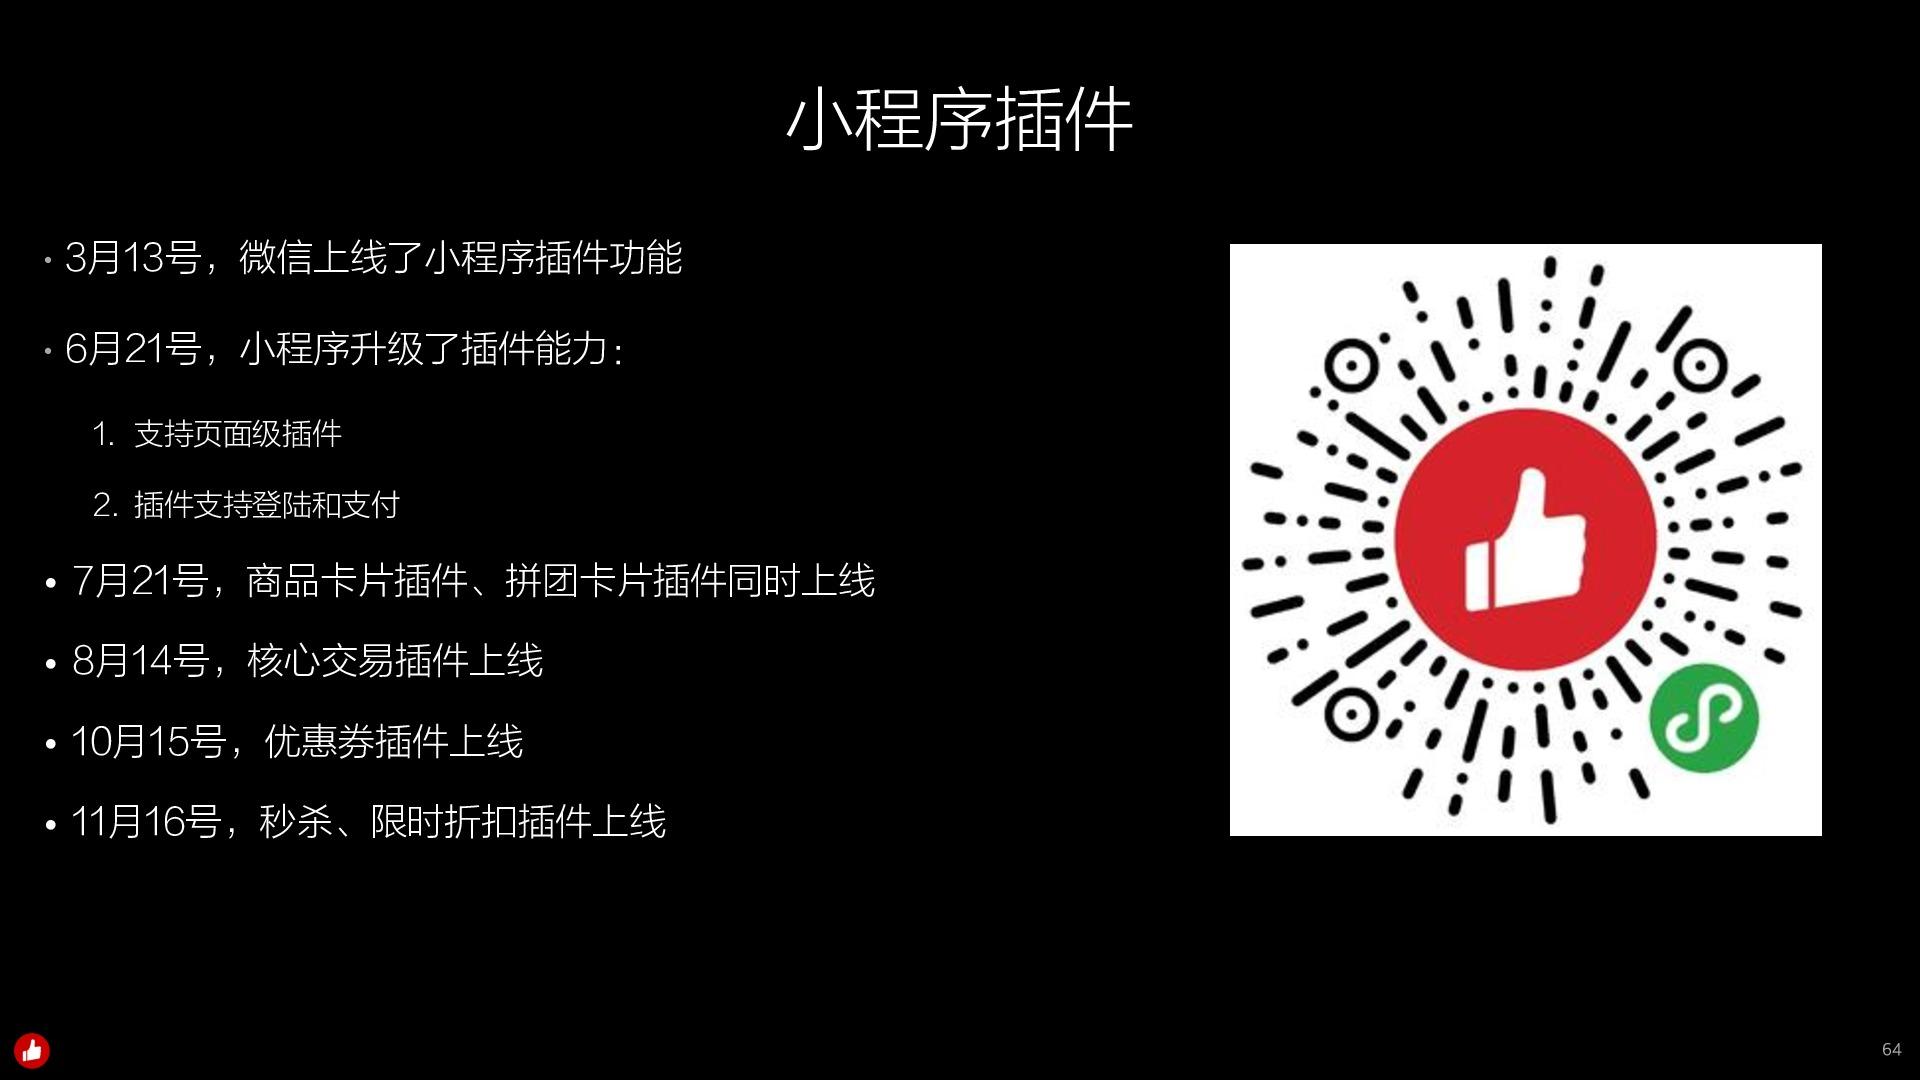 https://opentalk-blog.b0.upaiyun.com/prod/2018-11-26/524412b47c5b5dc0624ce3e6067454c4